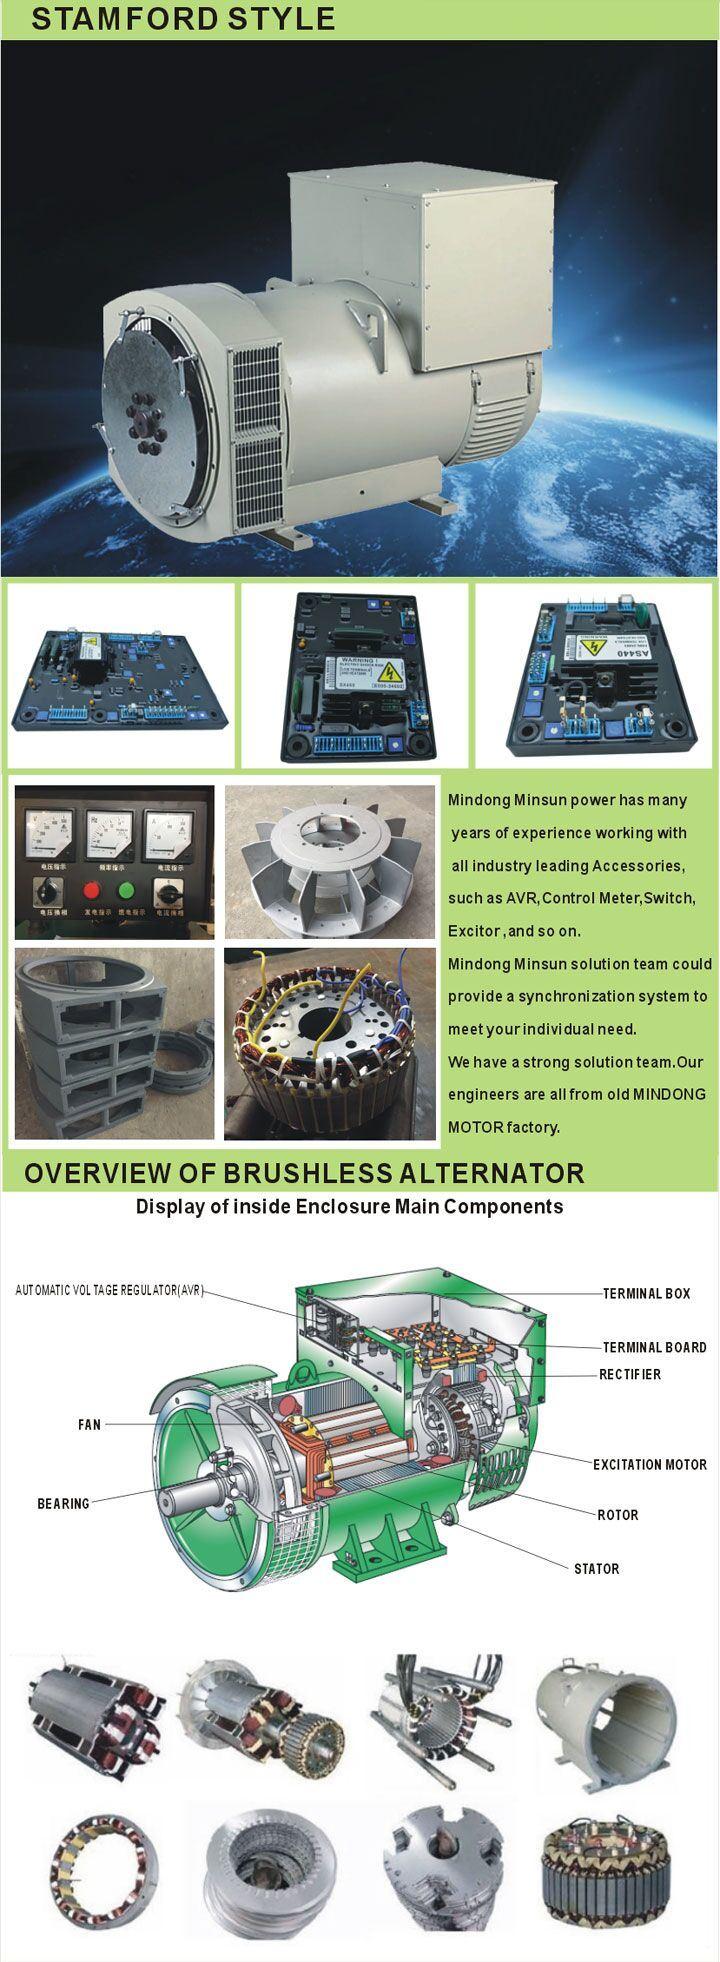 22 Kw Hot Sale China Stamford a. C. Sychronous Single Phase Brushless Alternator